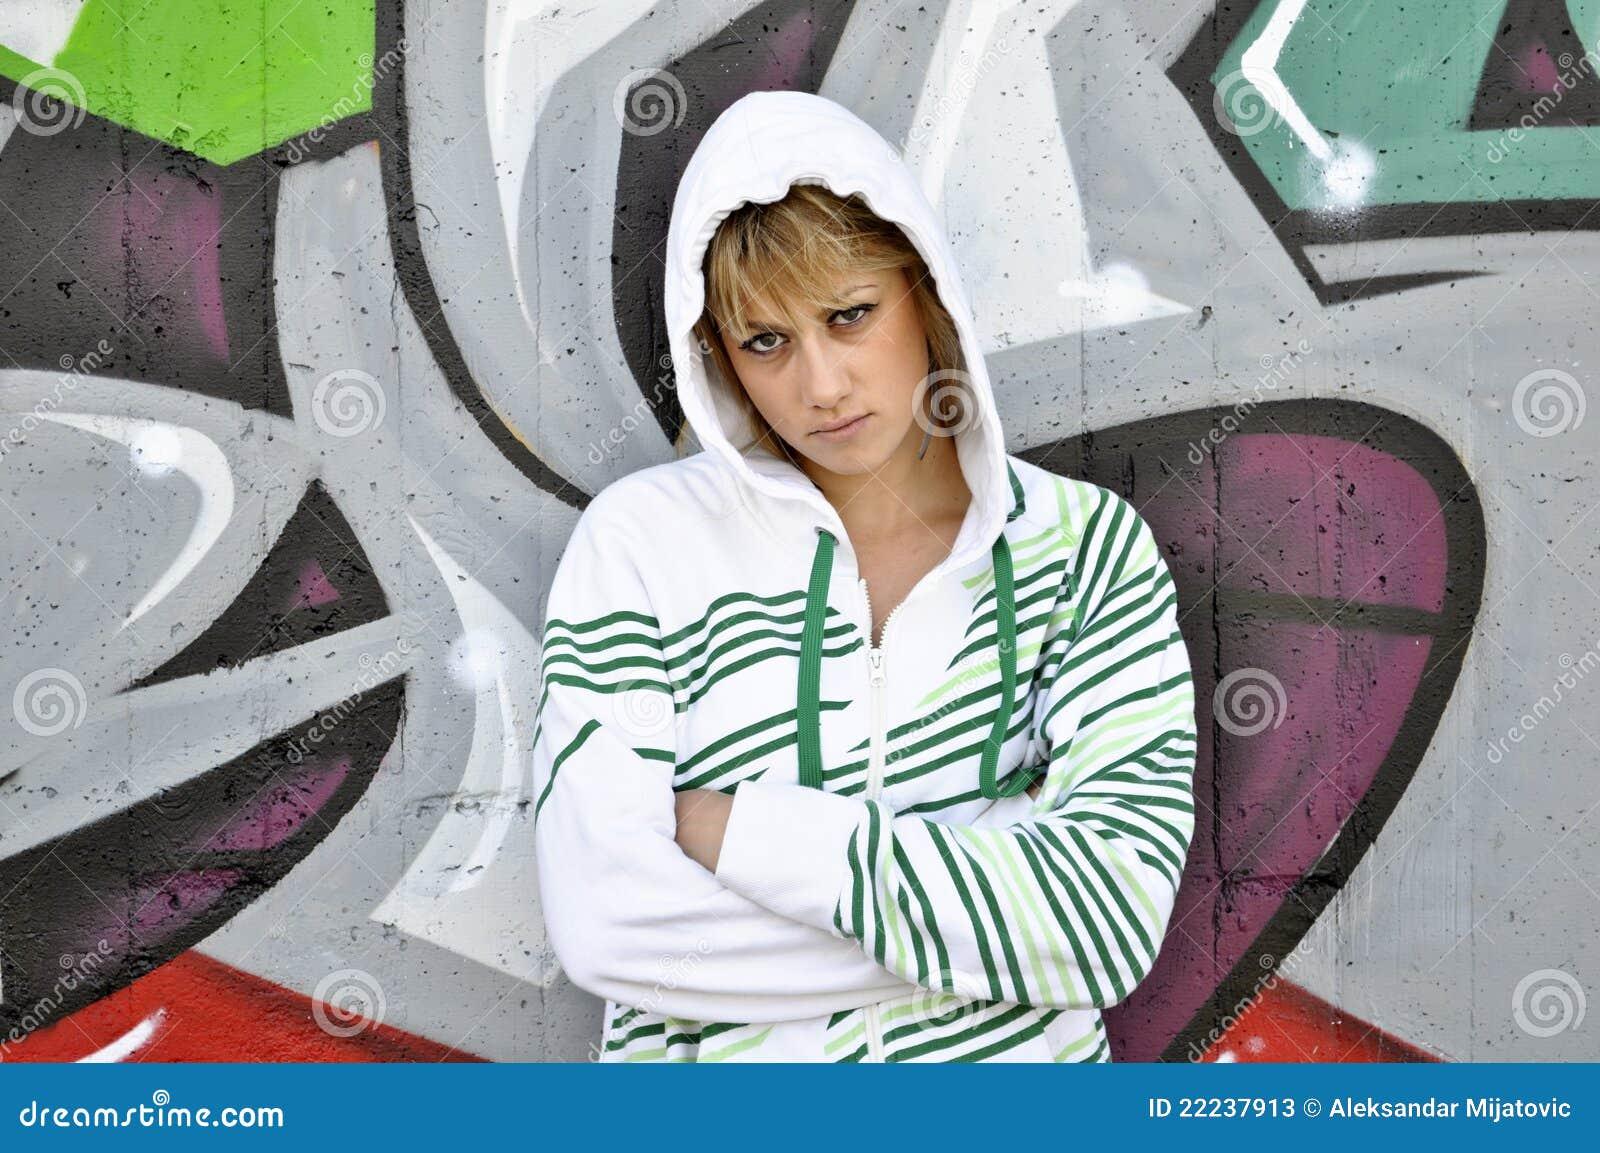 Przeciw dziewczynie graffiti opierali nastoletnią ścianę